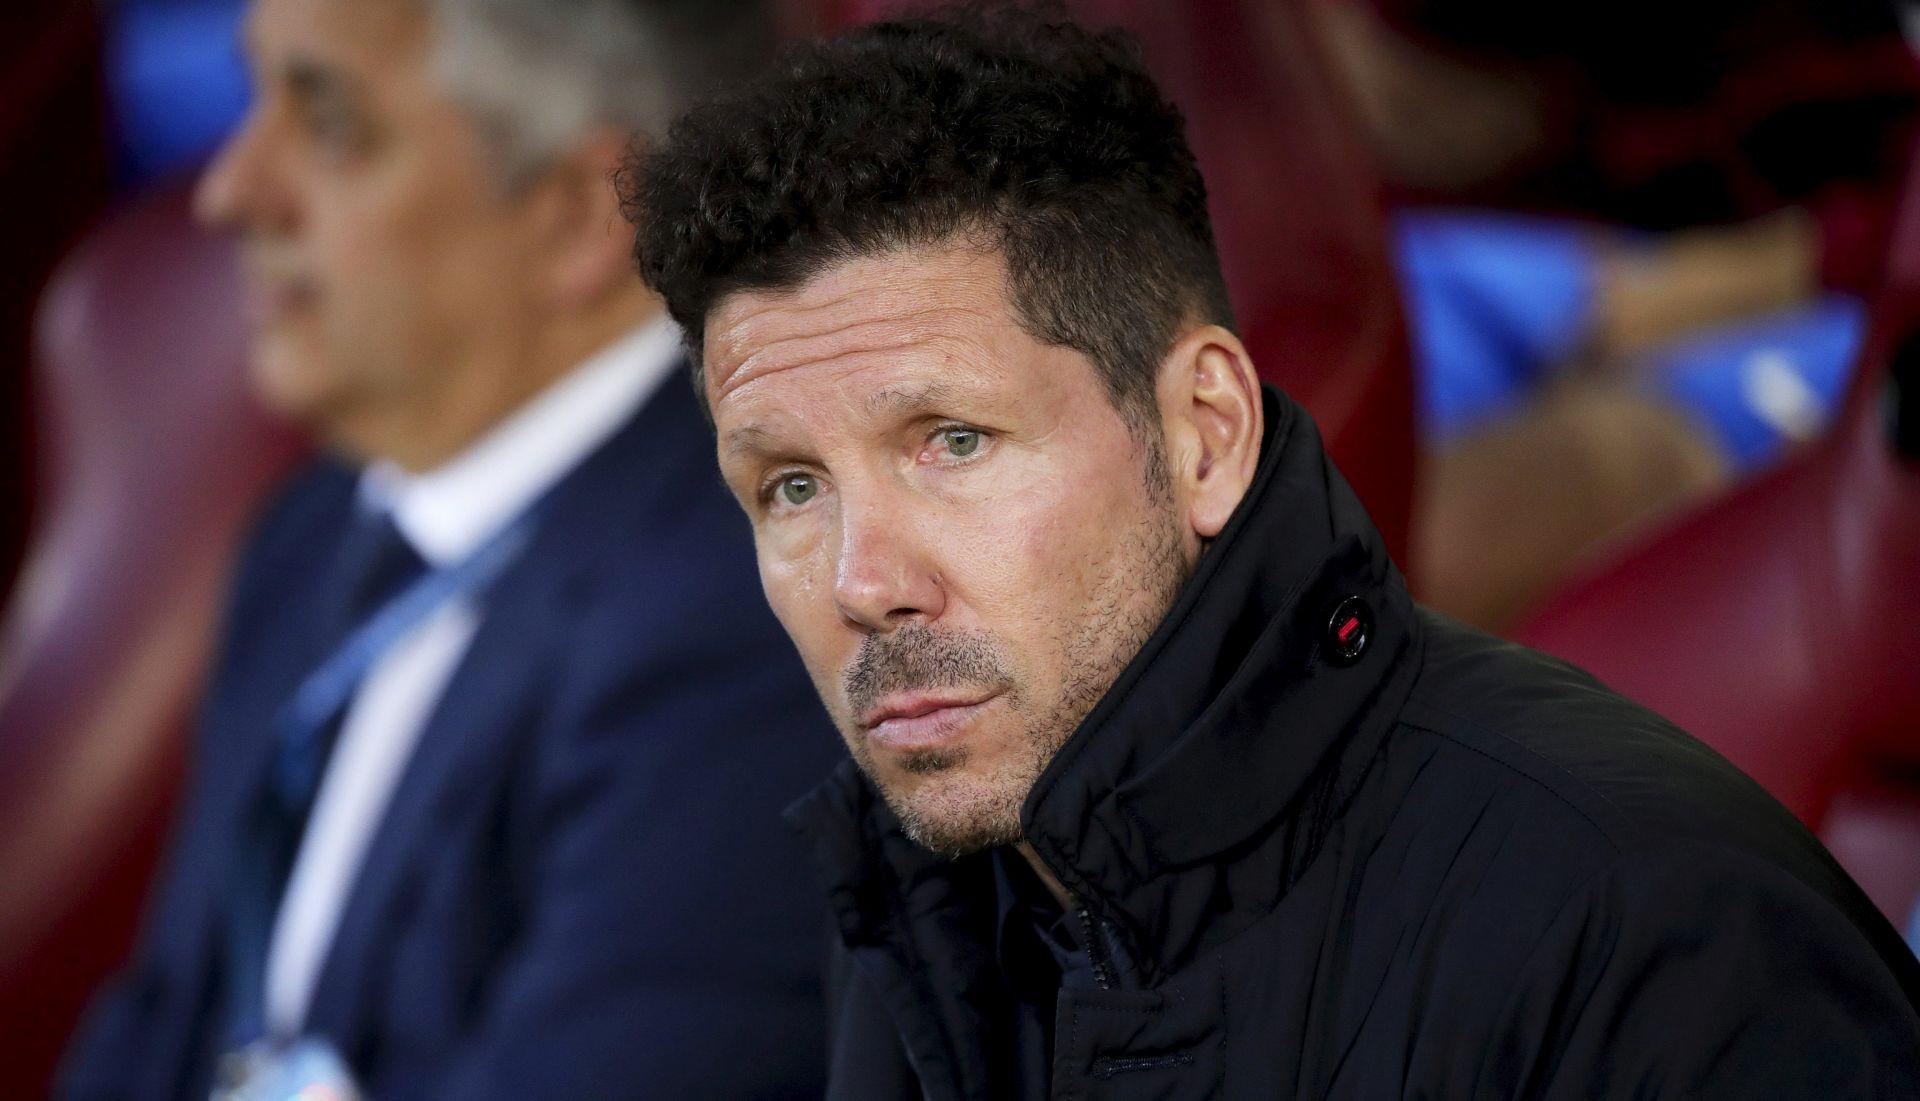 Simeone pretvara Atletico iz ratničke u ofenzivnu momčad